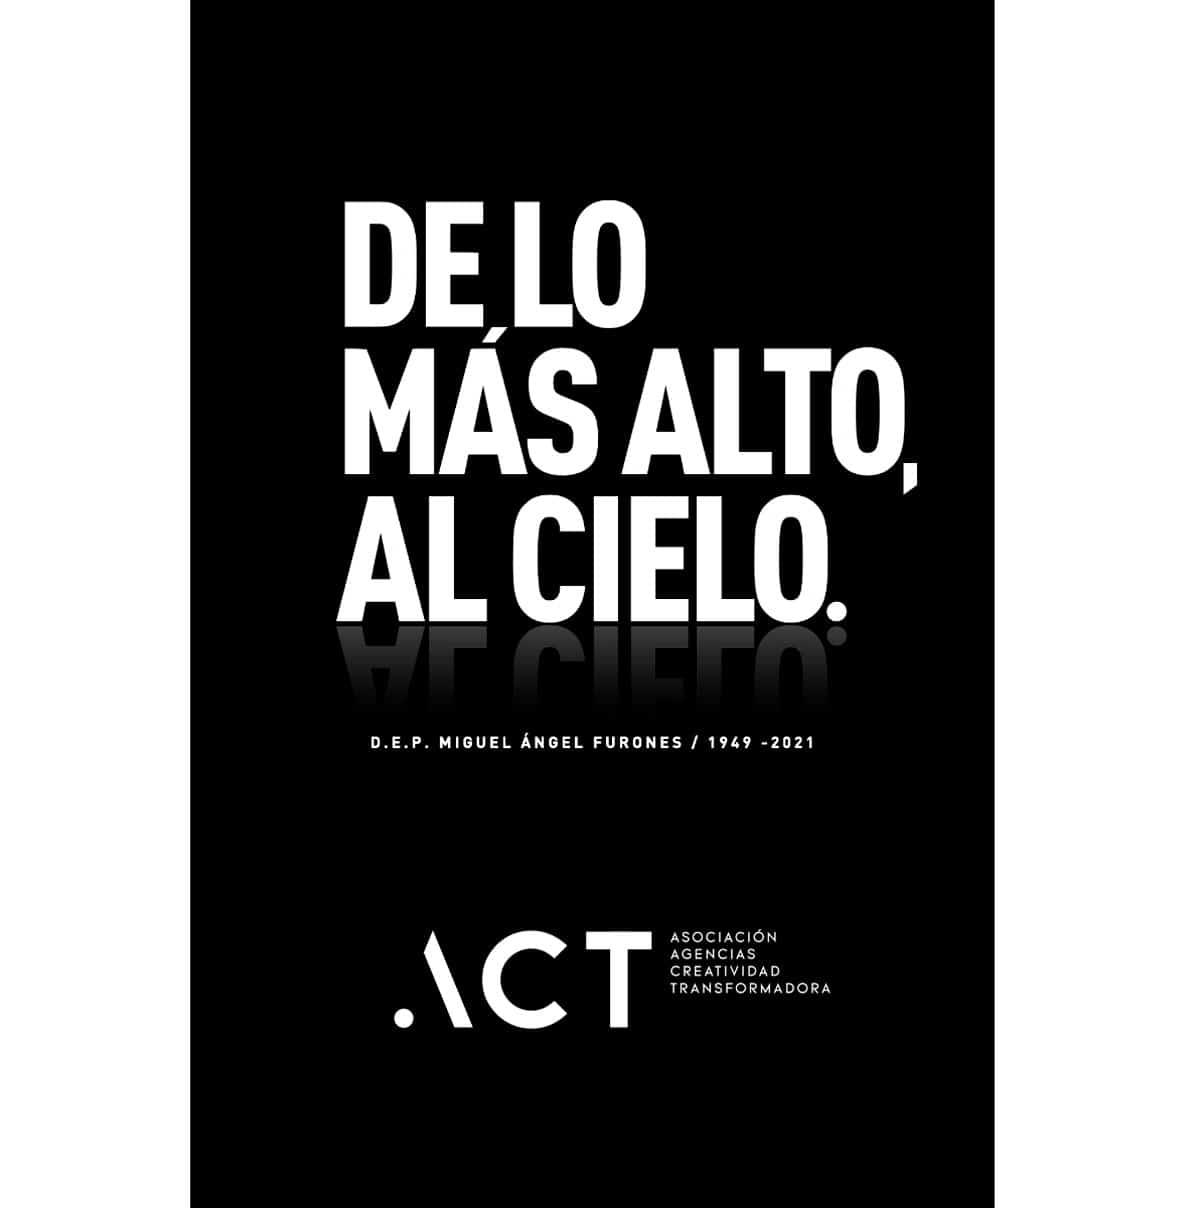 Miguel Ángel Furones ACT